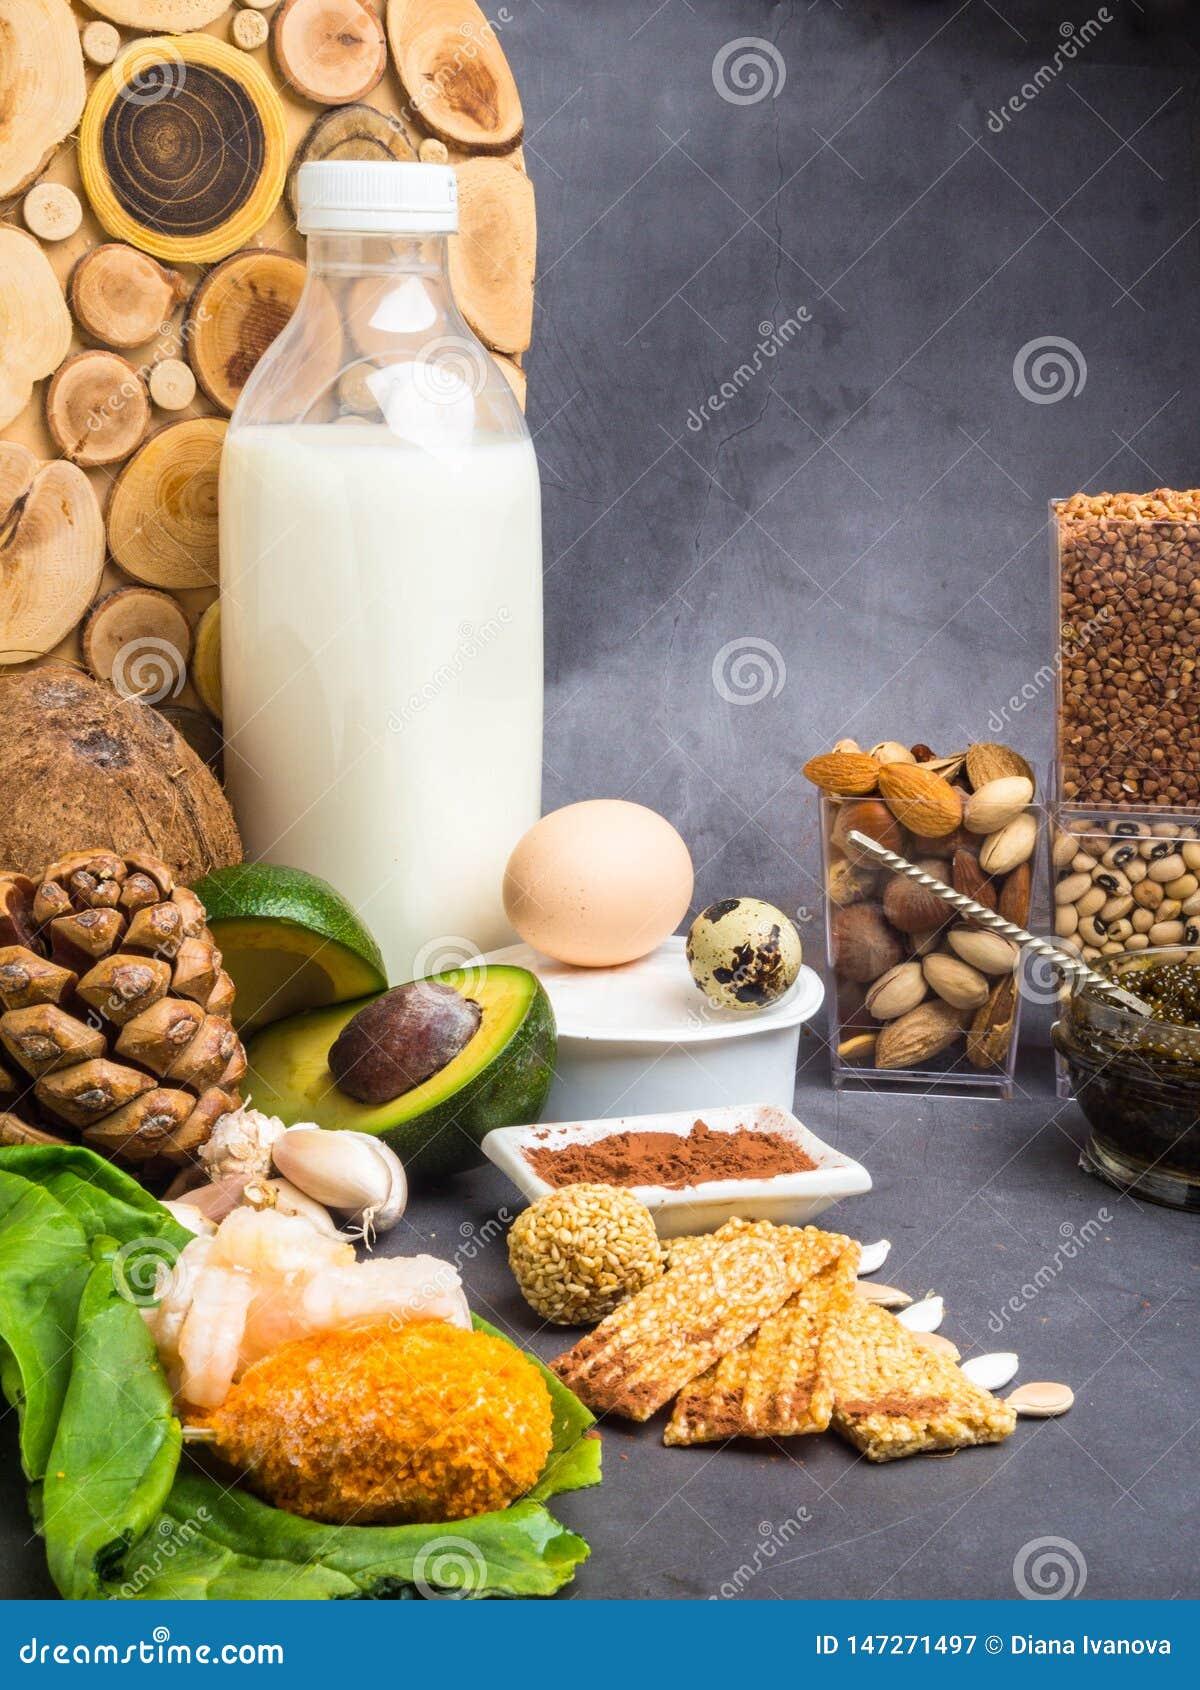 Ingredientes ou produtos que cont?m o zinco e fibra diet?tica, fontes naturais de minerais, estilo de vida saud?vel e nutri??o